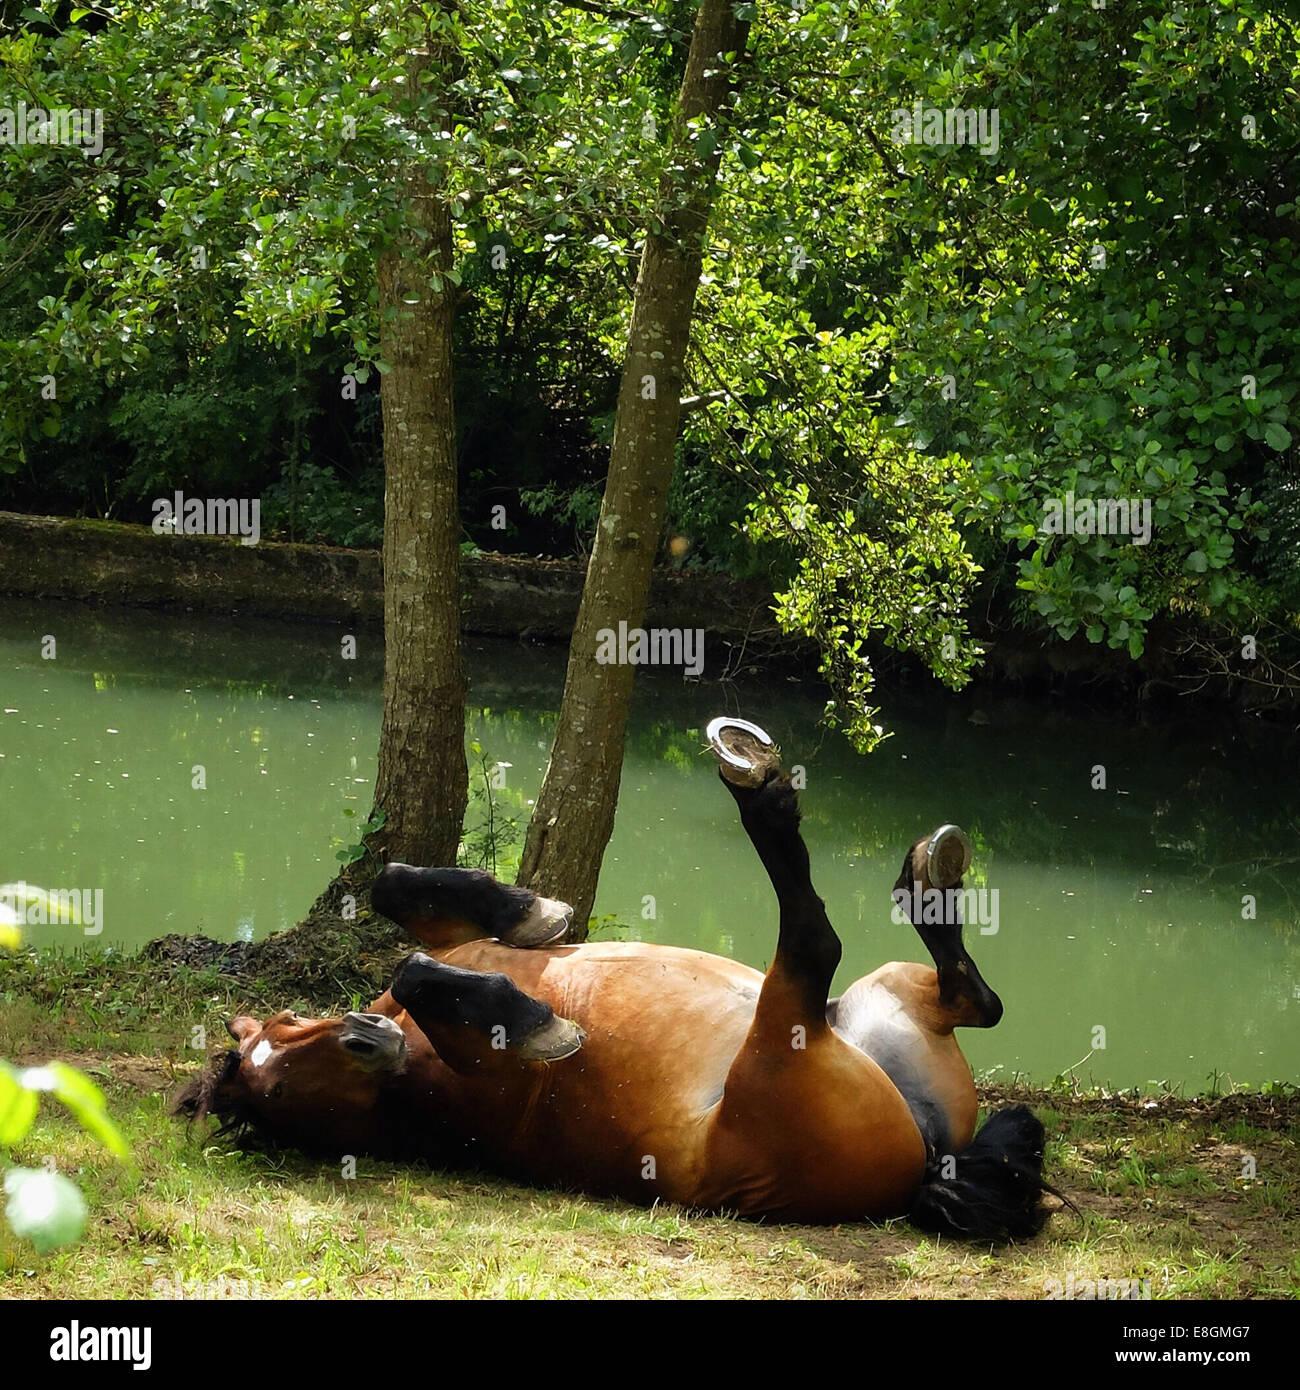 Francia, Caballo rodando hacia atrás Imagen De Stock